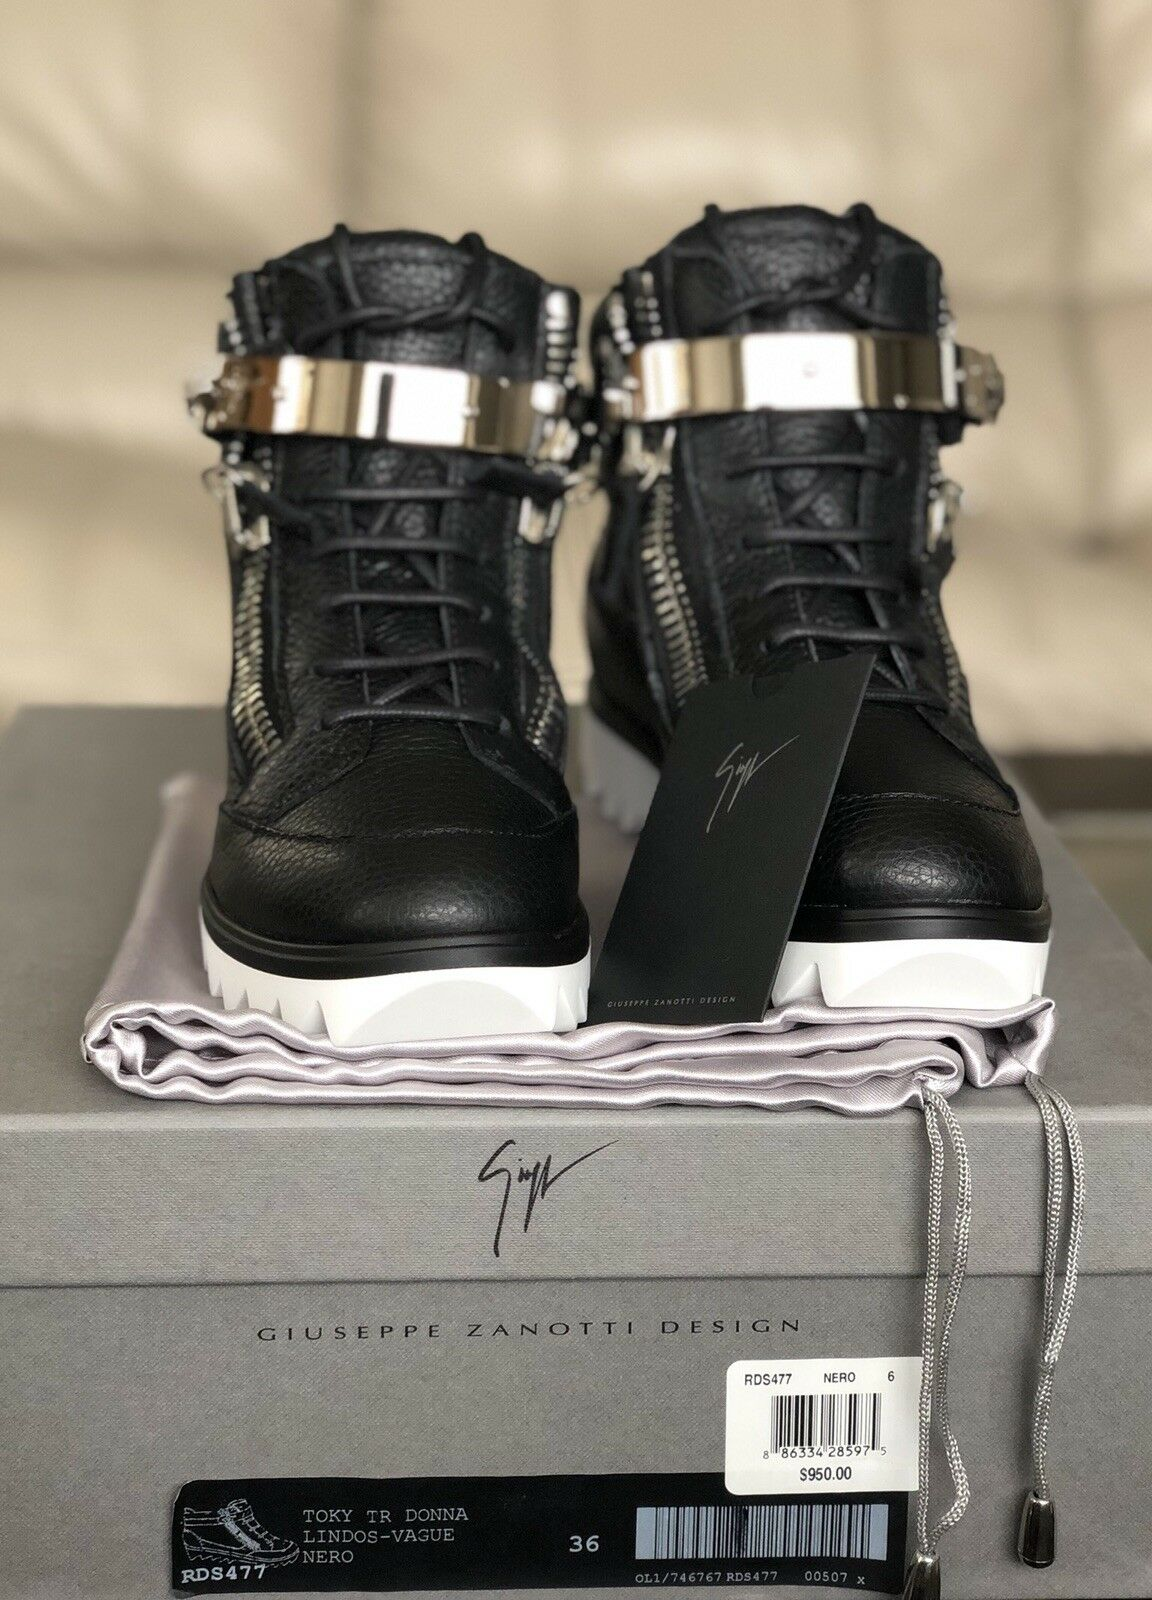 Giuseppe Zanotti RDS477 Nero 6 Dimensione 36 Double Zipped scarpe da ginnastica  100% Authentic